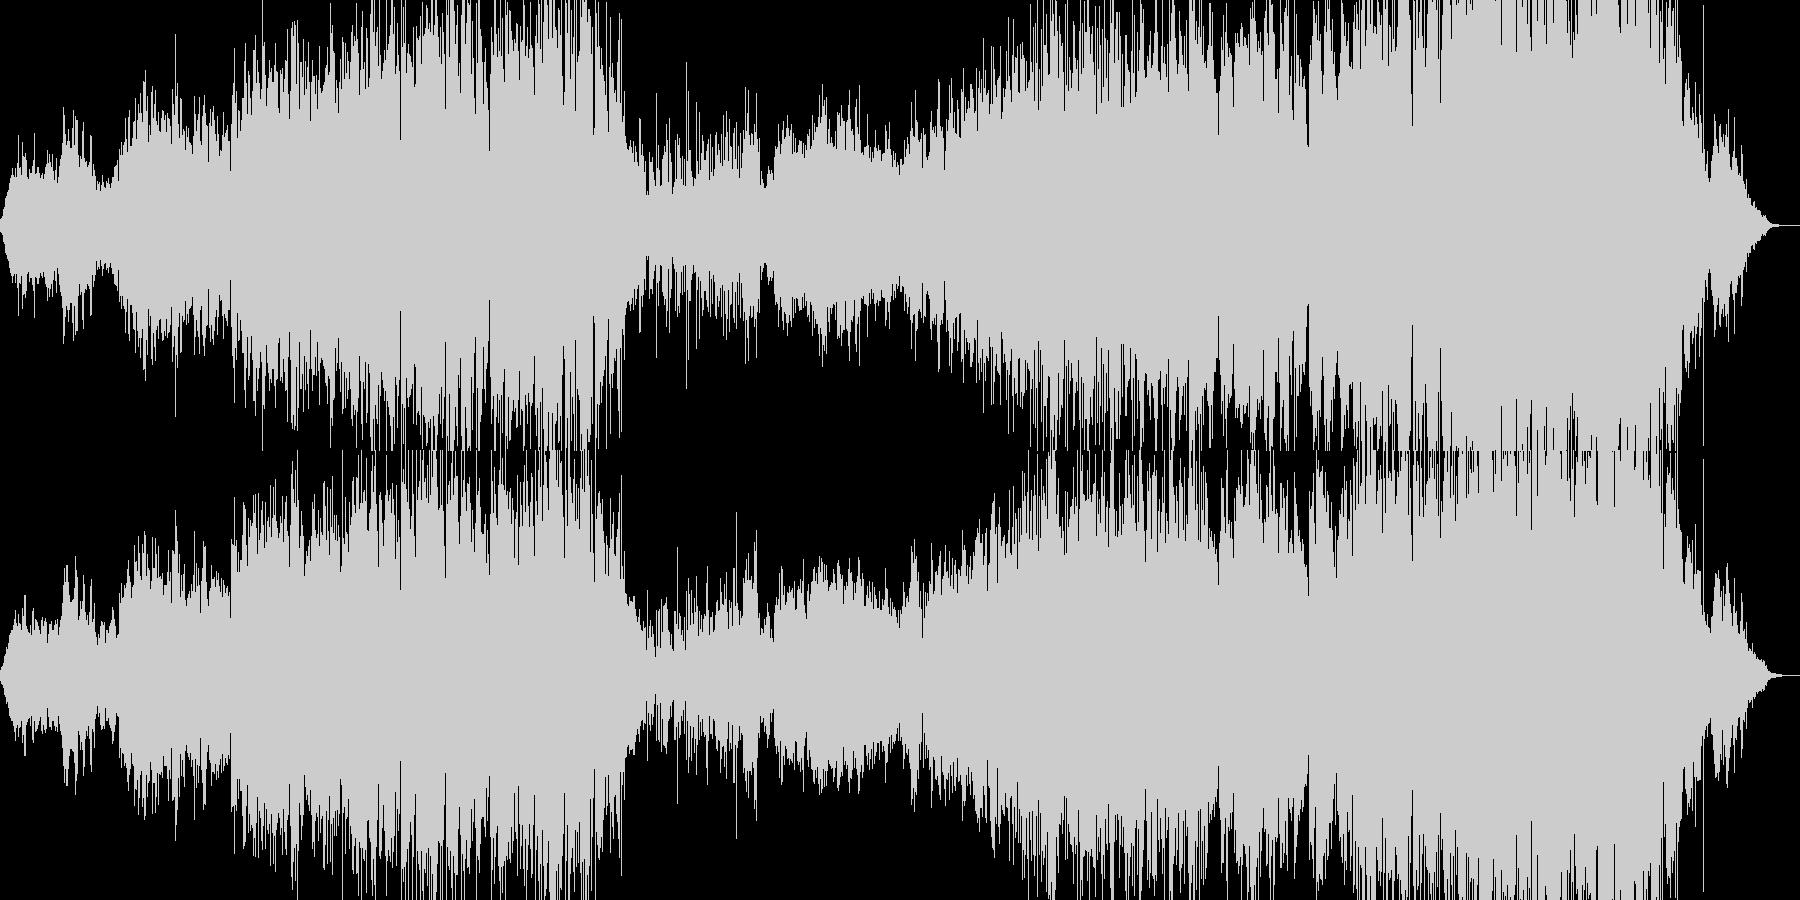 アフリカンな曲の未再生の波形